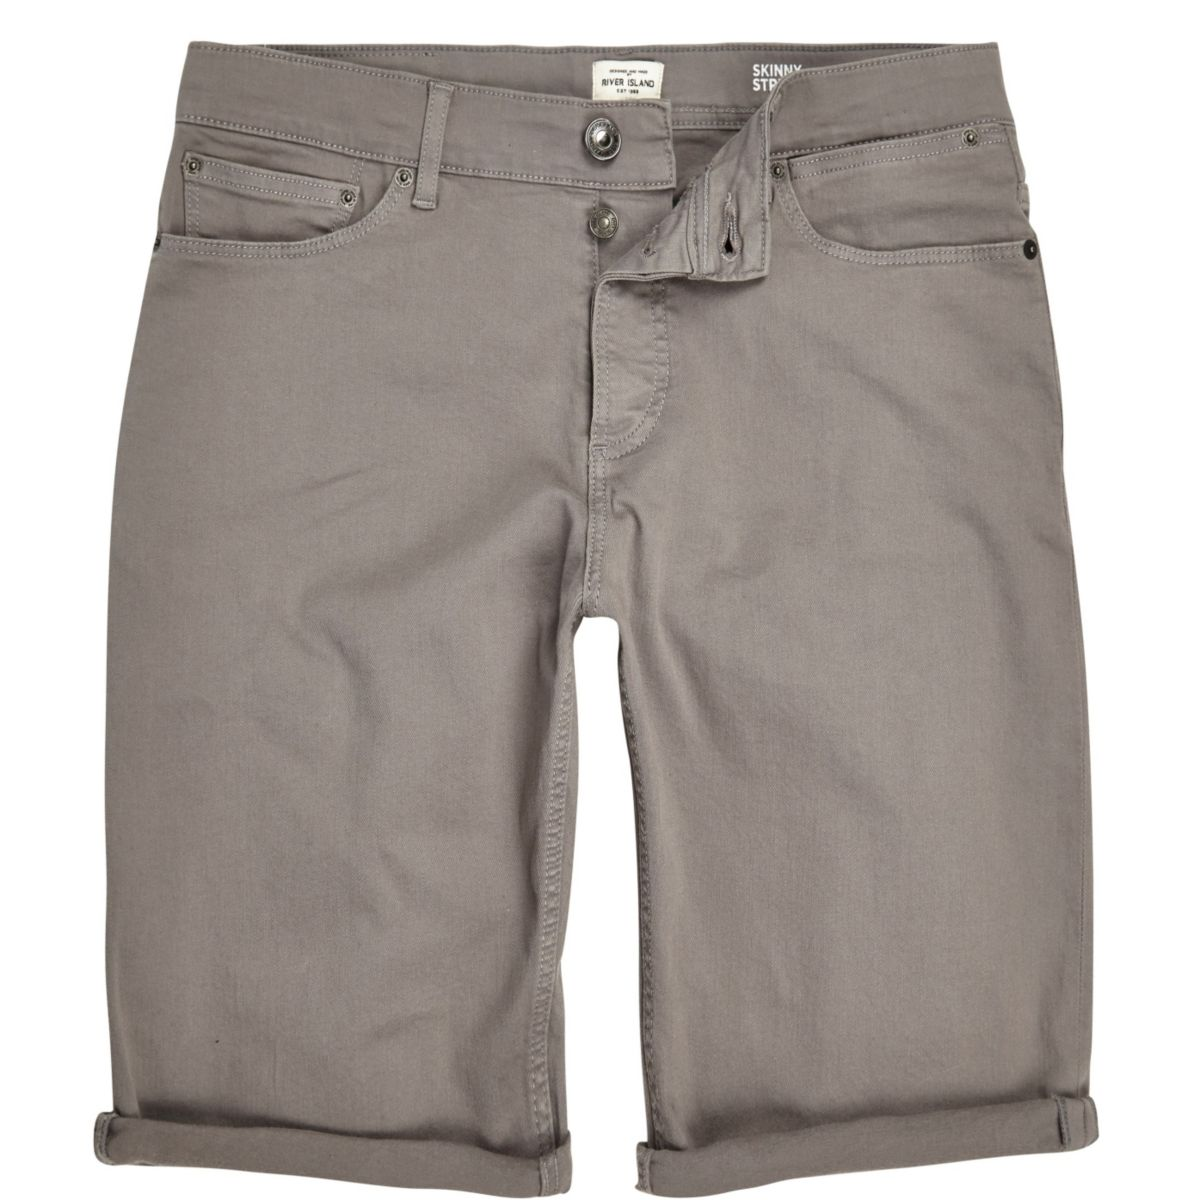 Grey skinny fit denim shorts